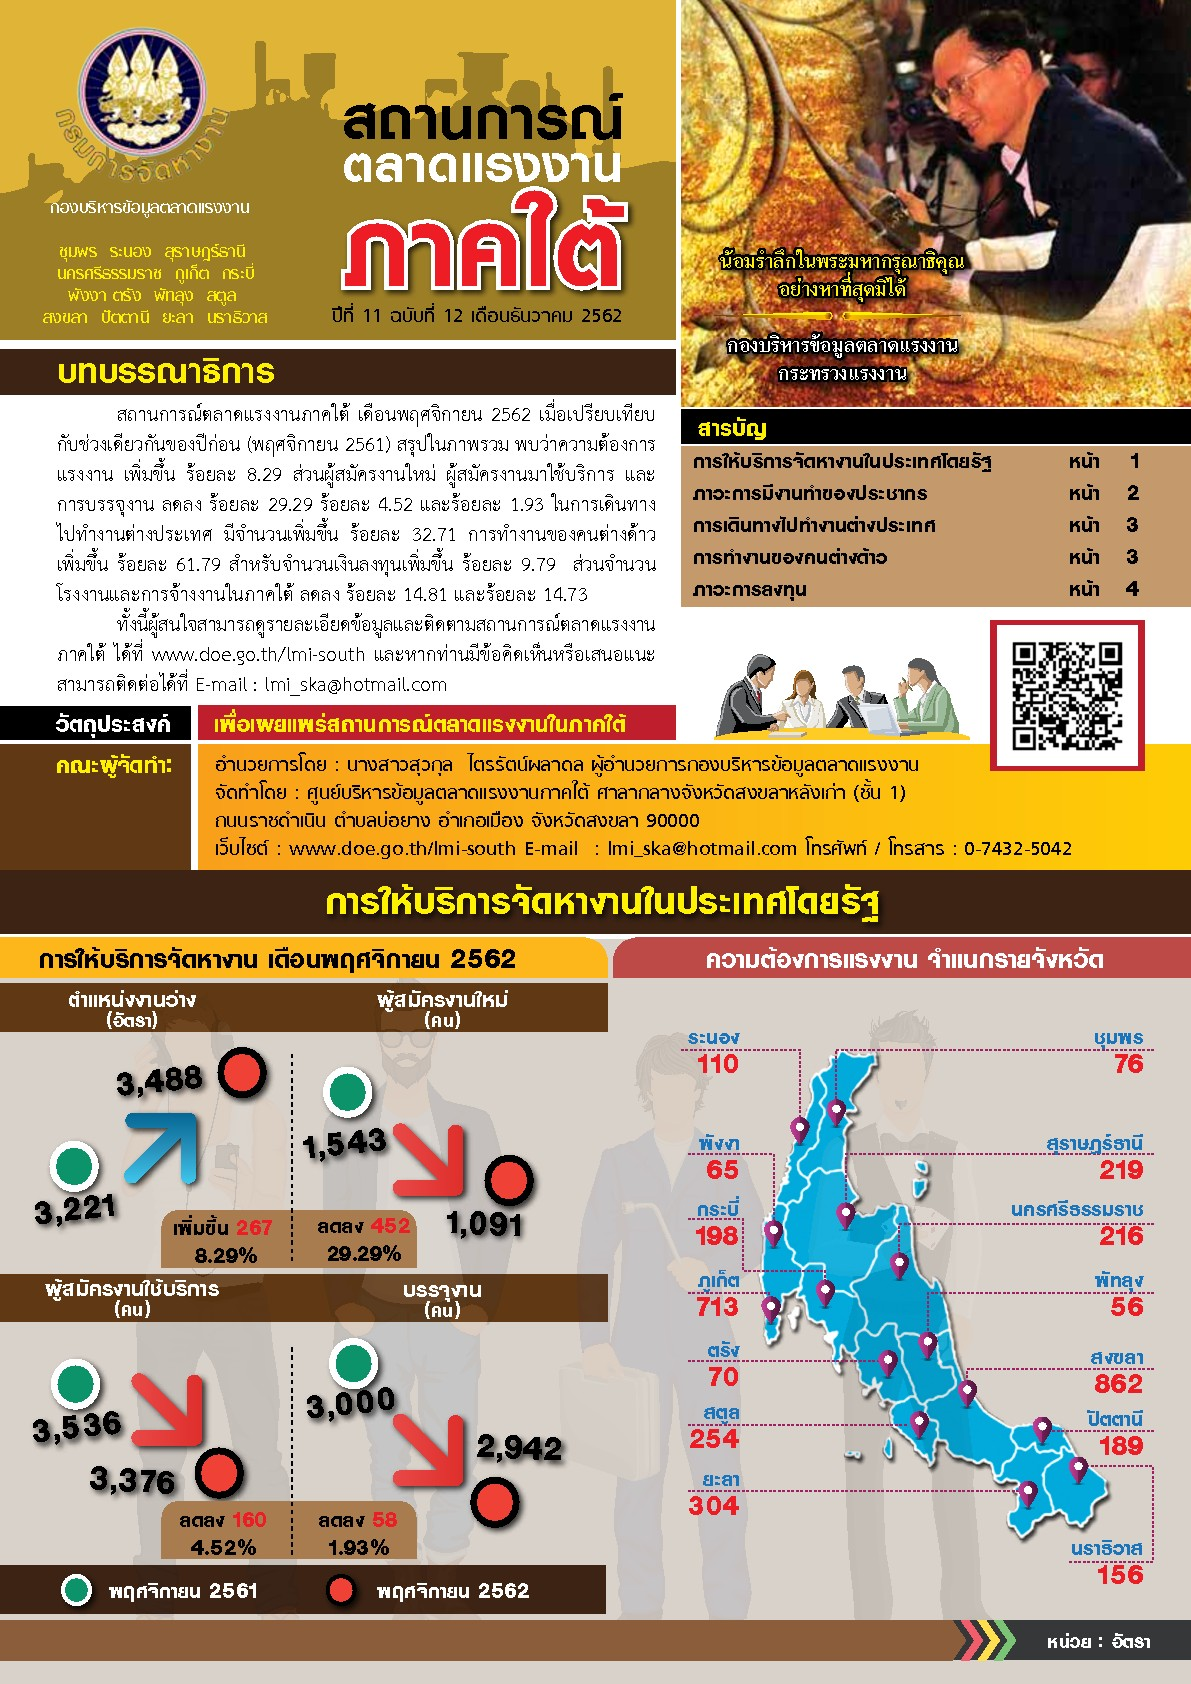 วารสารสถานการณ์ตลาดแรงงานภาคใต้ ปีที่ 11 ฉบับที่ 12 เดือนธันวาคม 2562